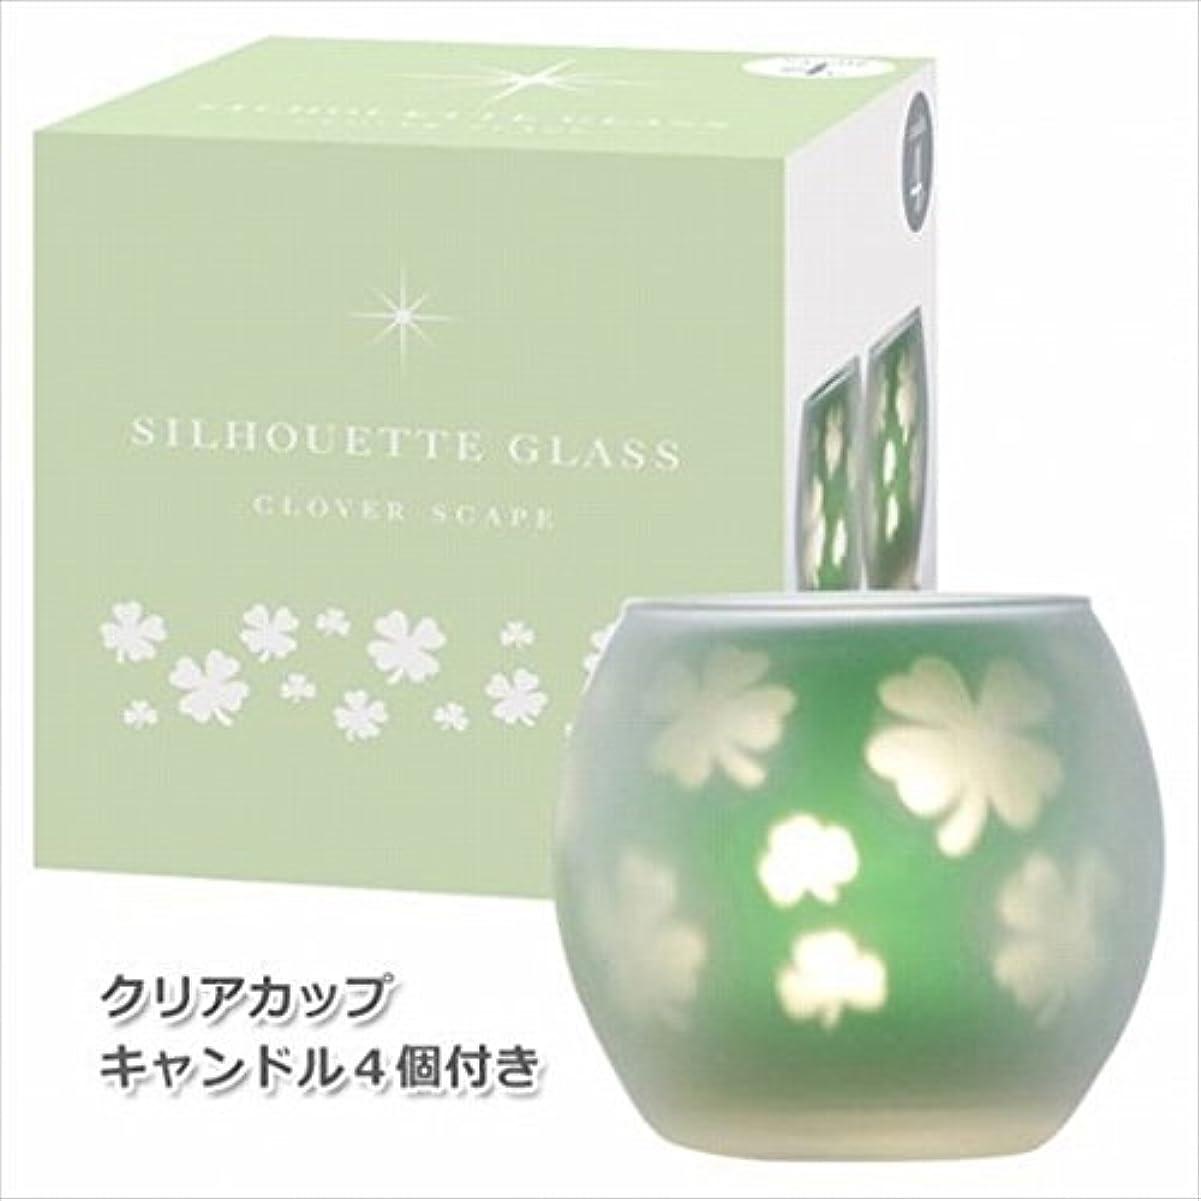 不均一保持バランスカメヤマキャンドル(kameyama candle) クローバースケープ2【キャンドル4個付き】 シルエットグラス